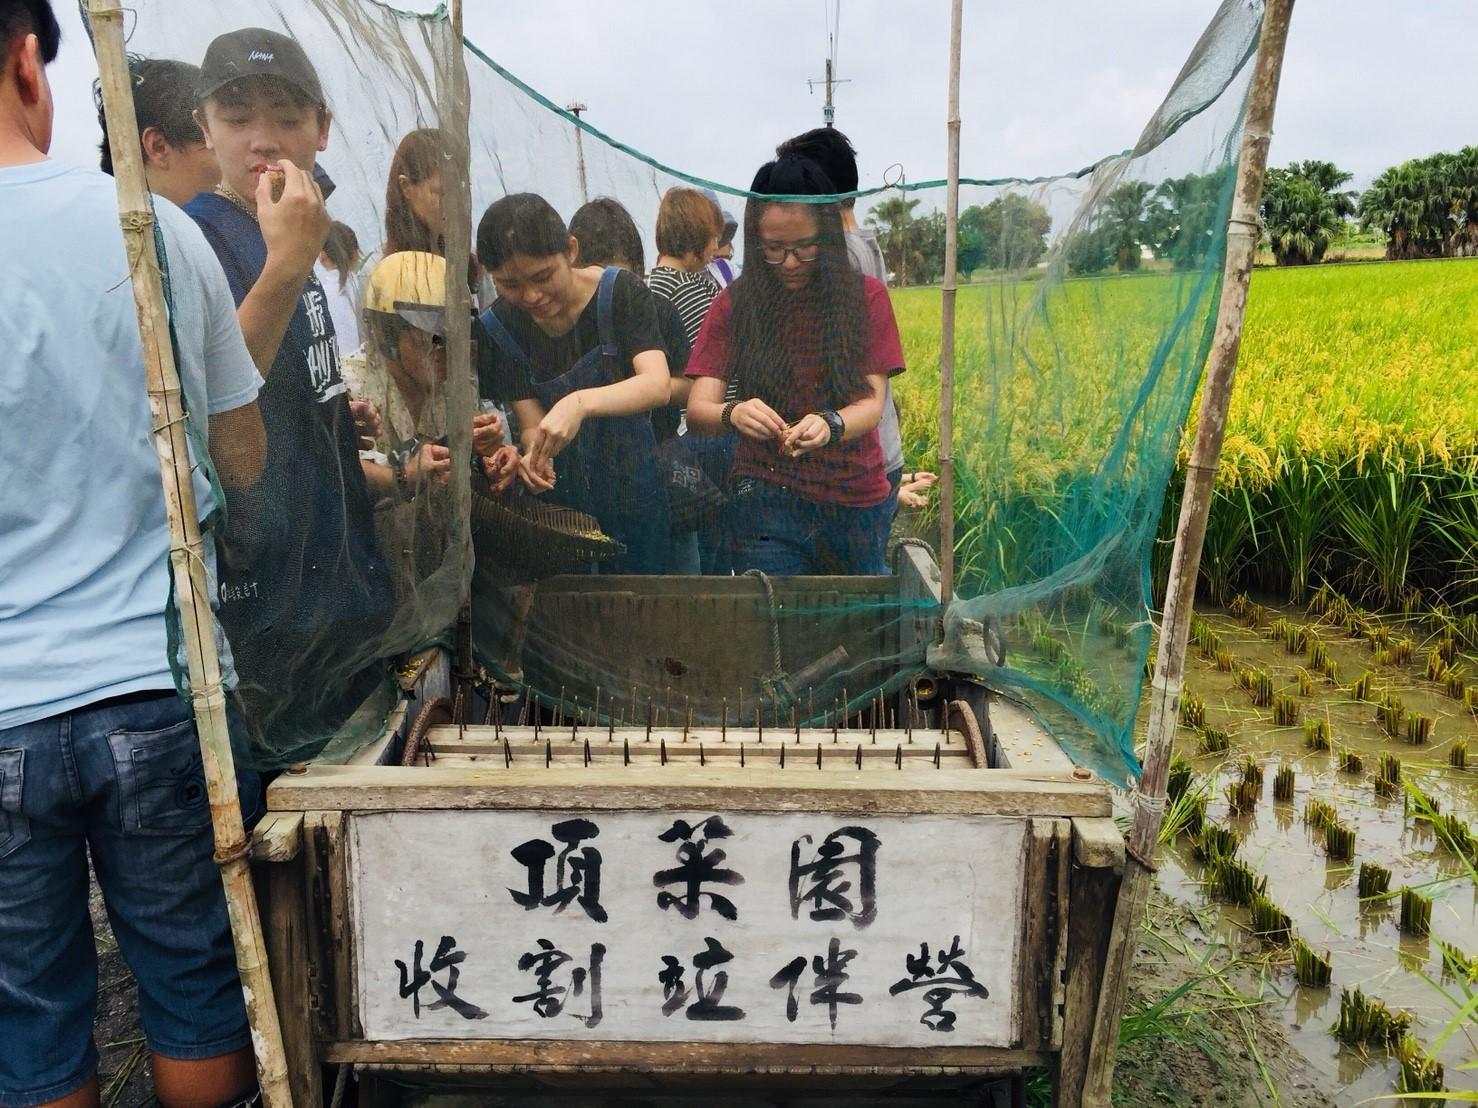 社區生力軍-嘉南藥理科技大學實習生進駐頂菜園社區,一同與社區長輩體驗稻米收割趣,並將陪伴社區一同成長。(107.07.03)